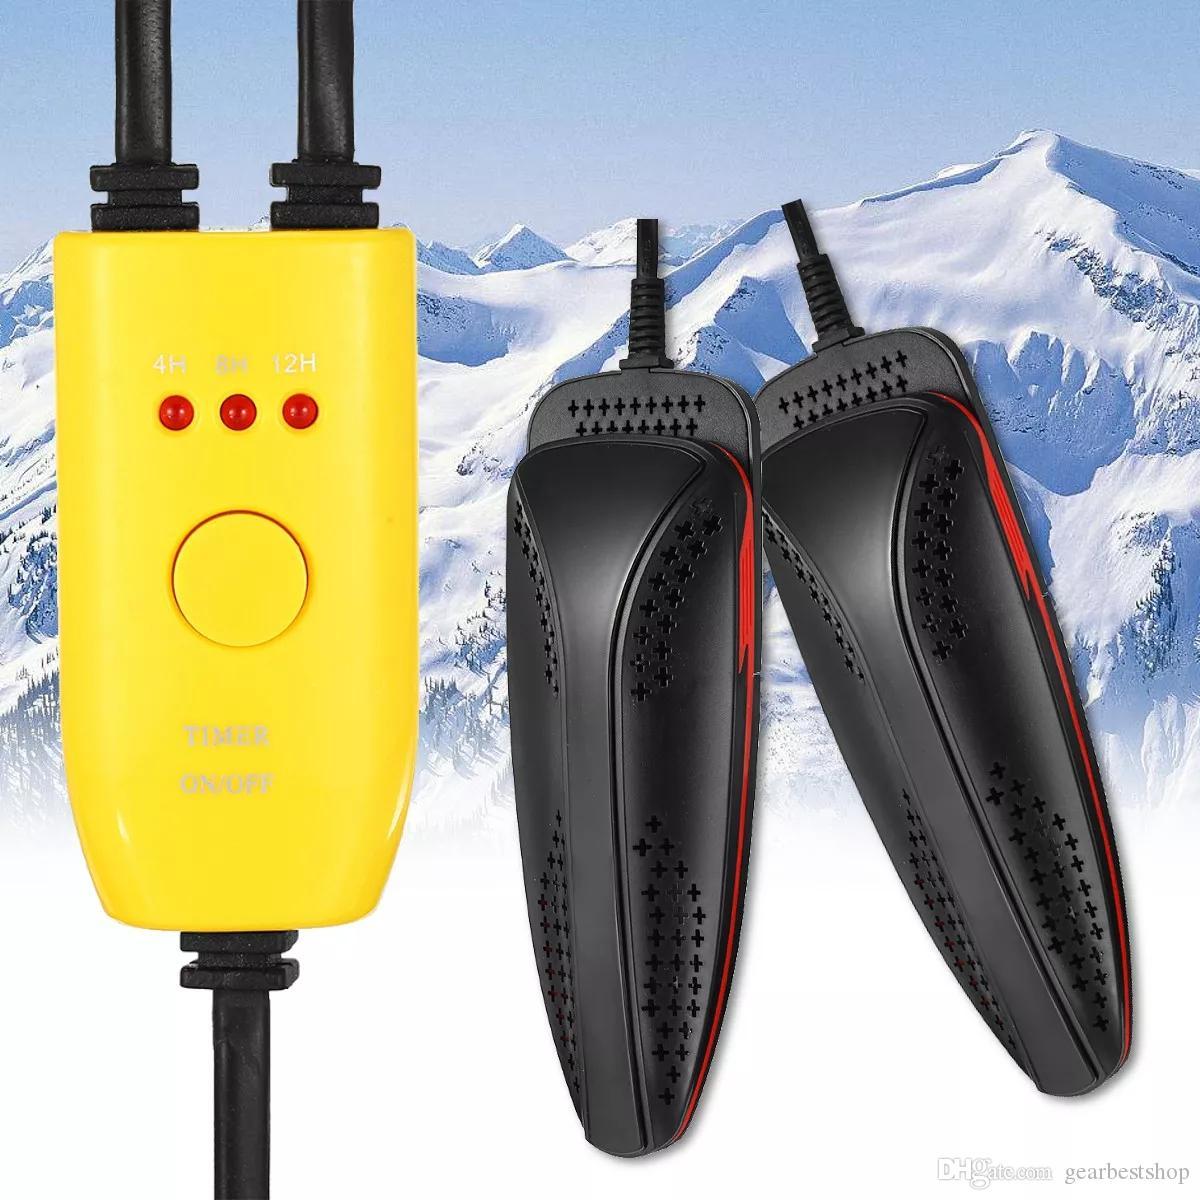 20W 110V220V Elektrikli Ayakkabı Kurutucu Ayak Koruyucu Boot Koku Deodorant Ayakkabı Kurutucu Isıtıcı - Sarı 220V AB Tak